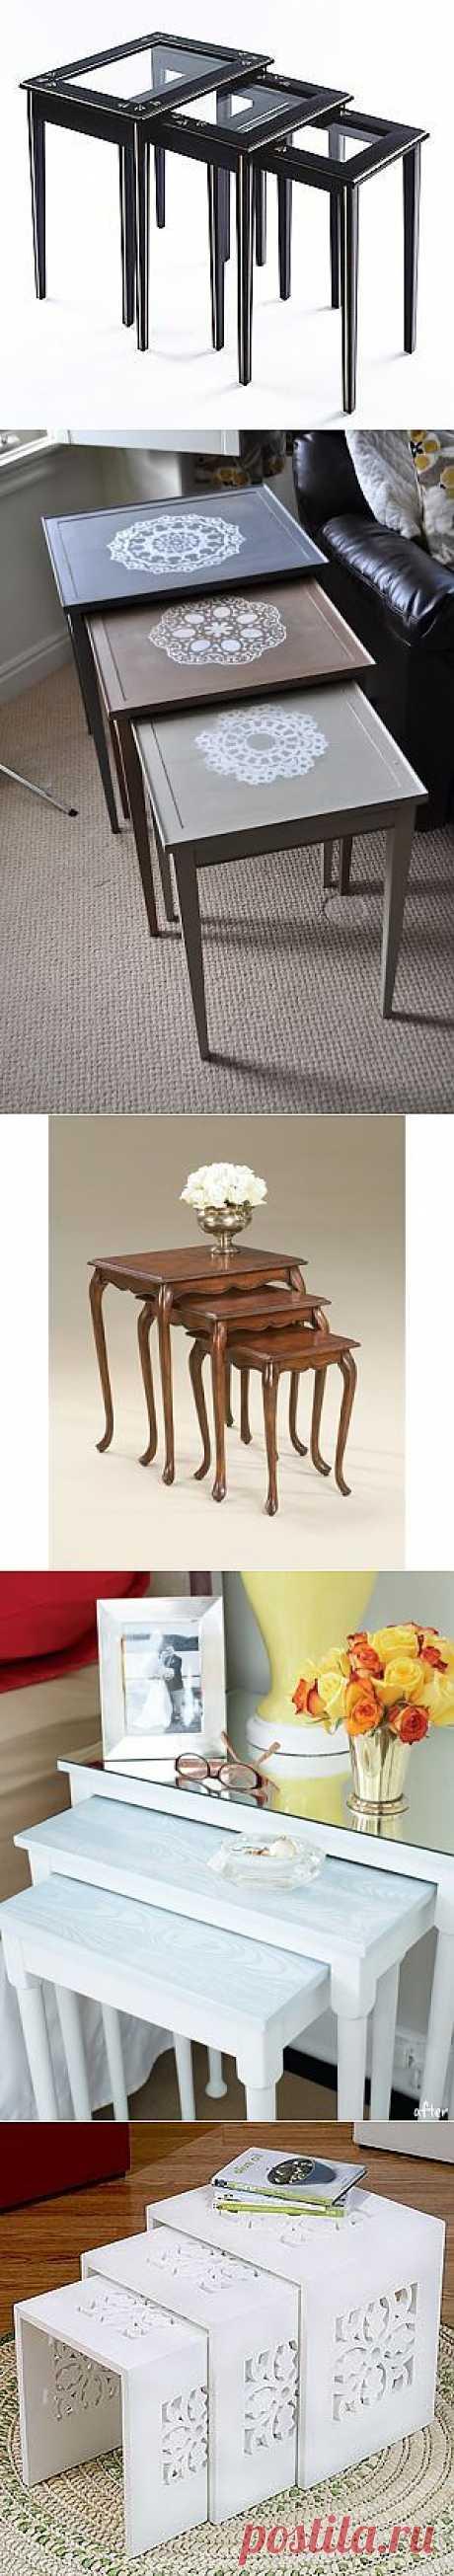 Складывающиеся столики - Nesting tables (трафик) / Мебель / Модный сайт о стильной переделке одежды и интерьера